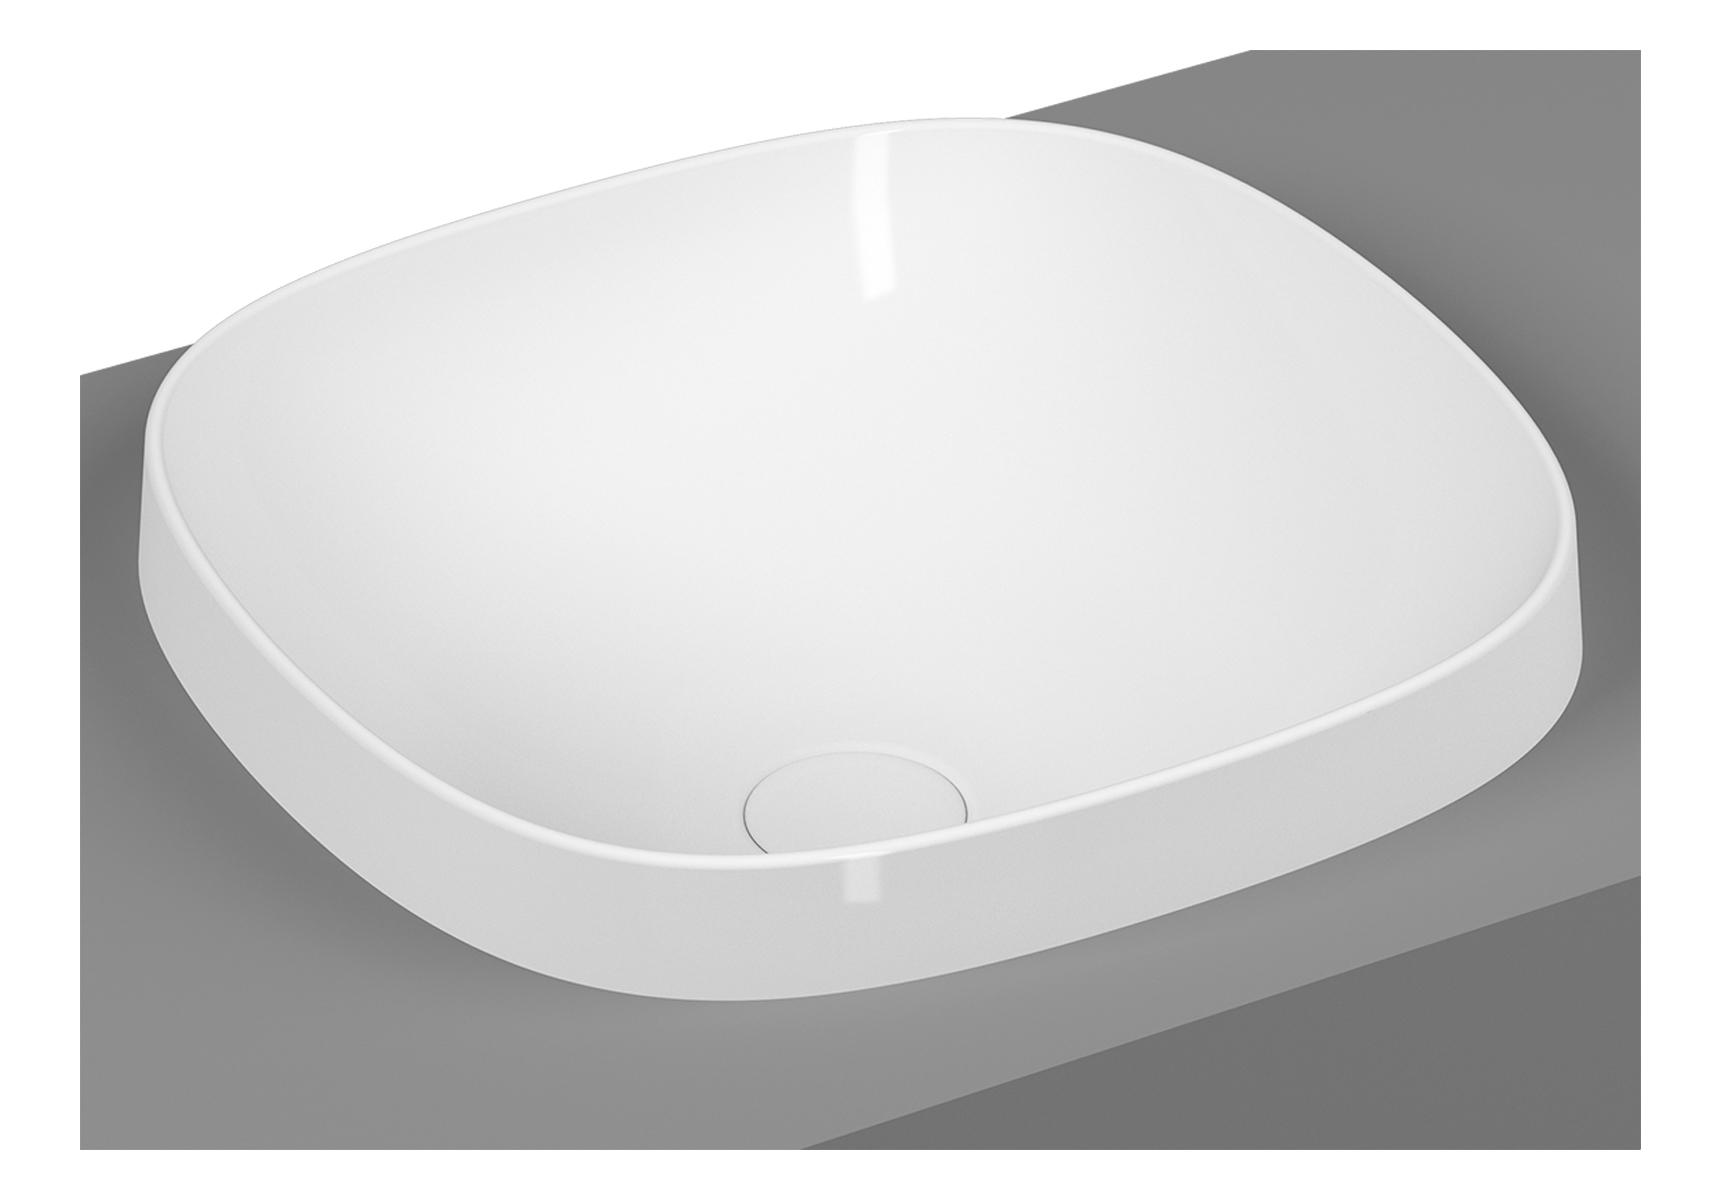 Frame vasque encastrée, rectangulaire, 41 cm, sans plage de robinetterie, sans trop-plein, blanc brillant